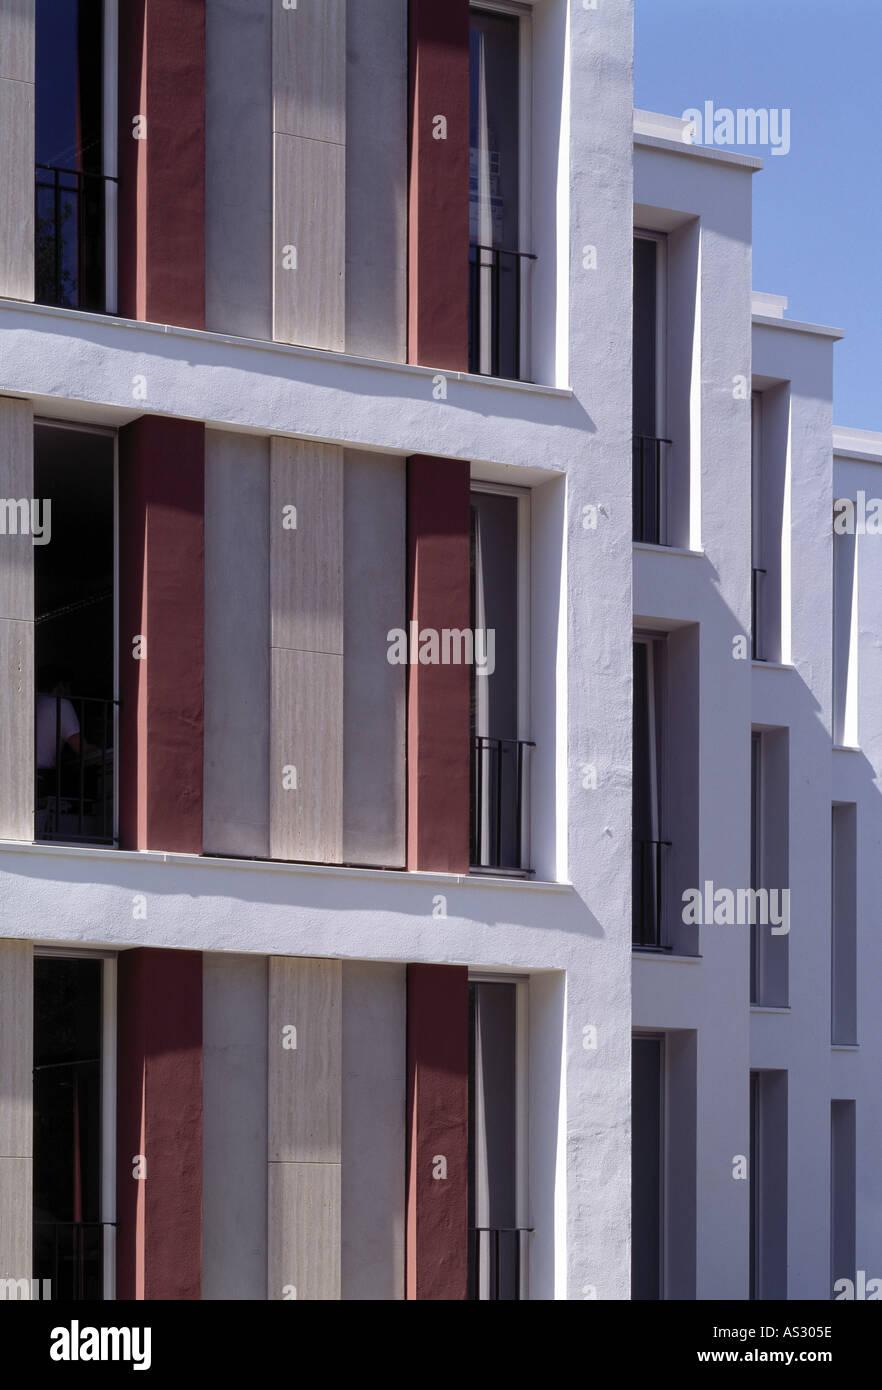 Architektur Dortmund bochum konrad zuse straße 14 architektur stege partner dortmund